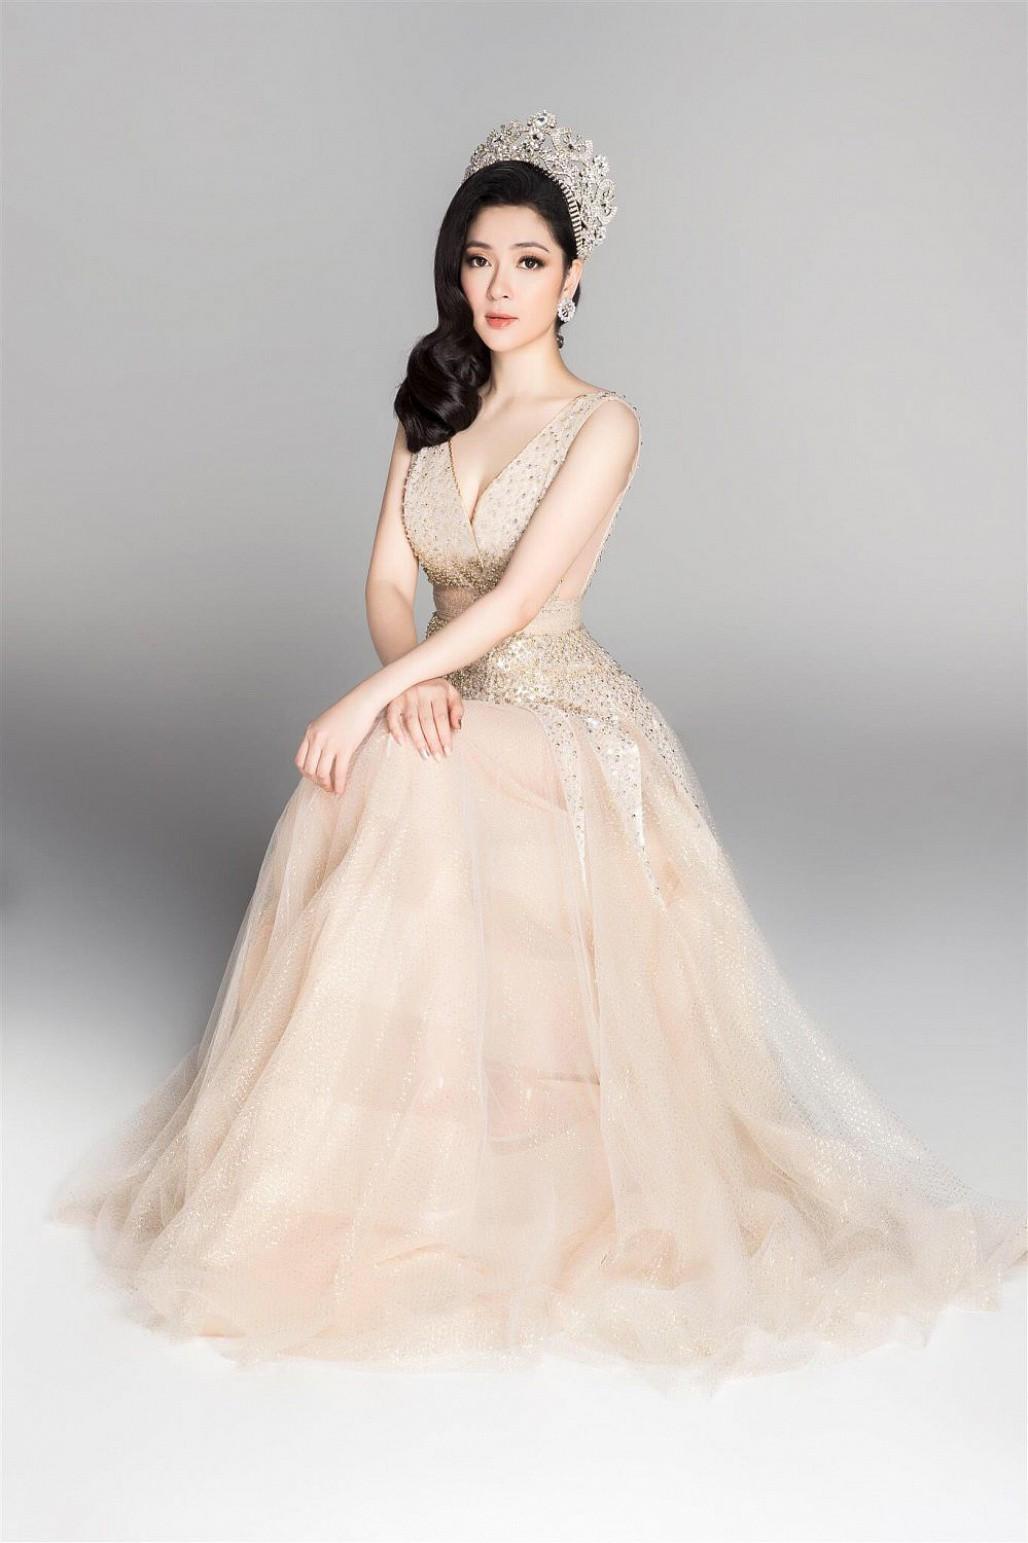 Đỉnh cao nhan sắc dàn Hoa hậu U40, U50 của Vbiz: Đăng quang cả thập kỷ vẫn giữ trọn vẻ đẹp như thời thanh xuân - Ảnh 10.